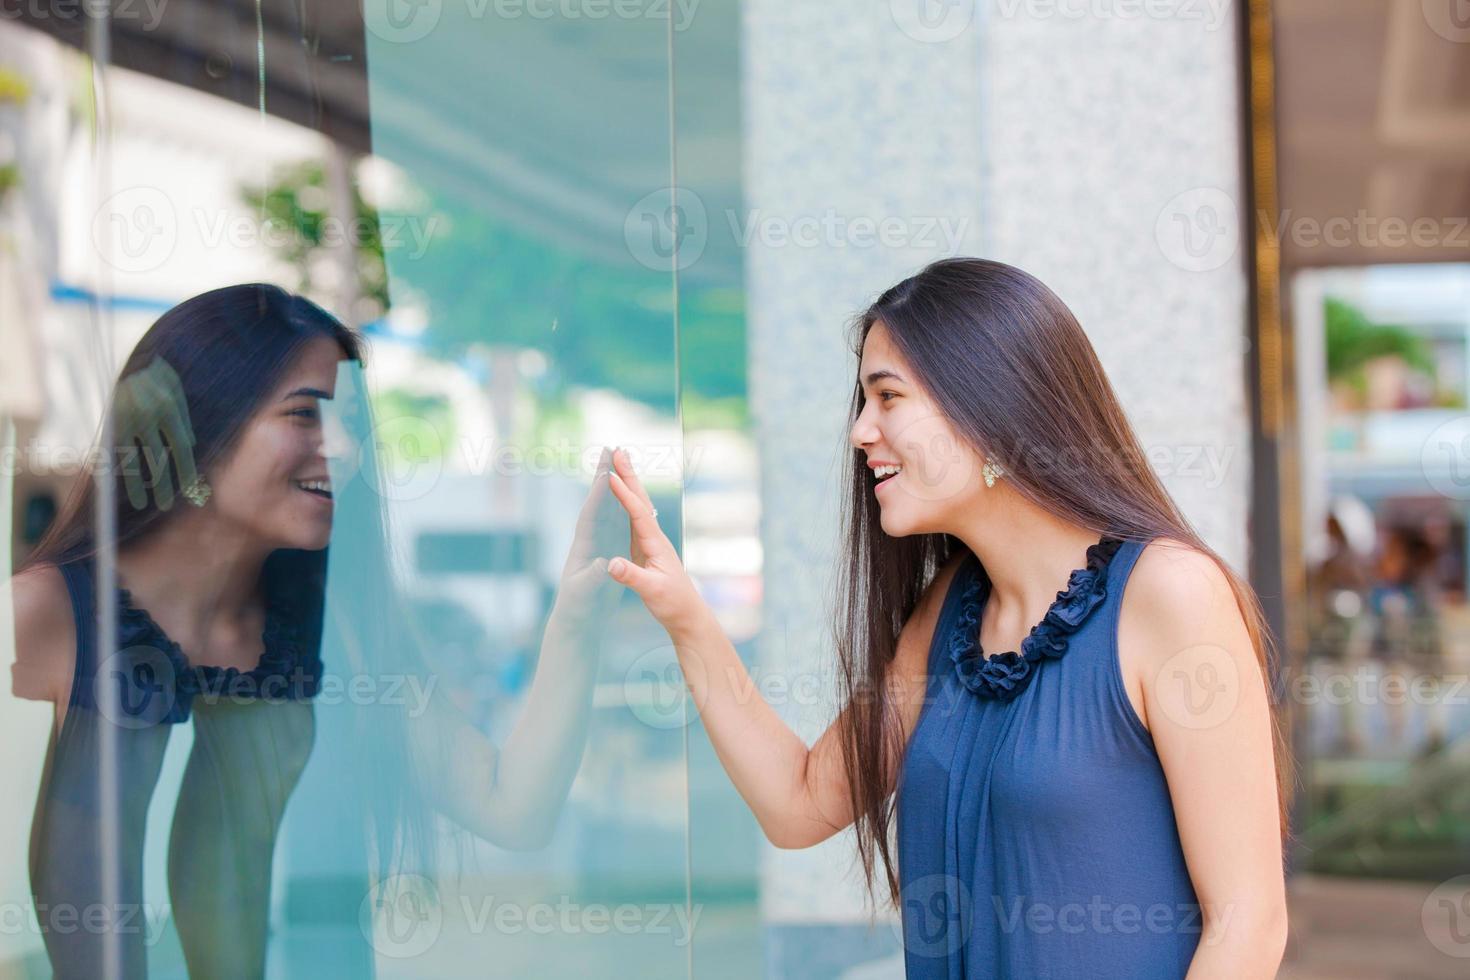 biracial tiener meisje raam winkelen in de stedelijke omgeving van de stad foto